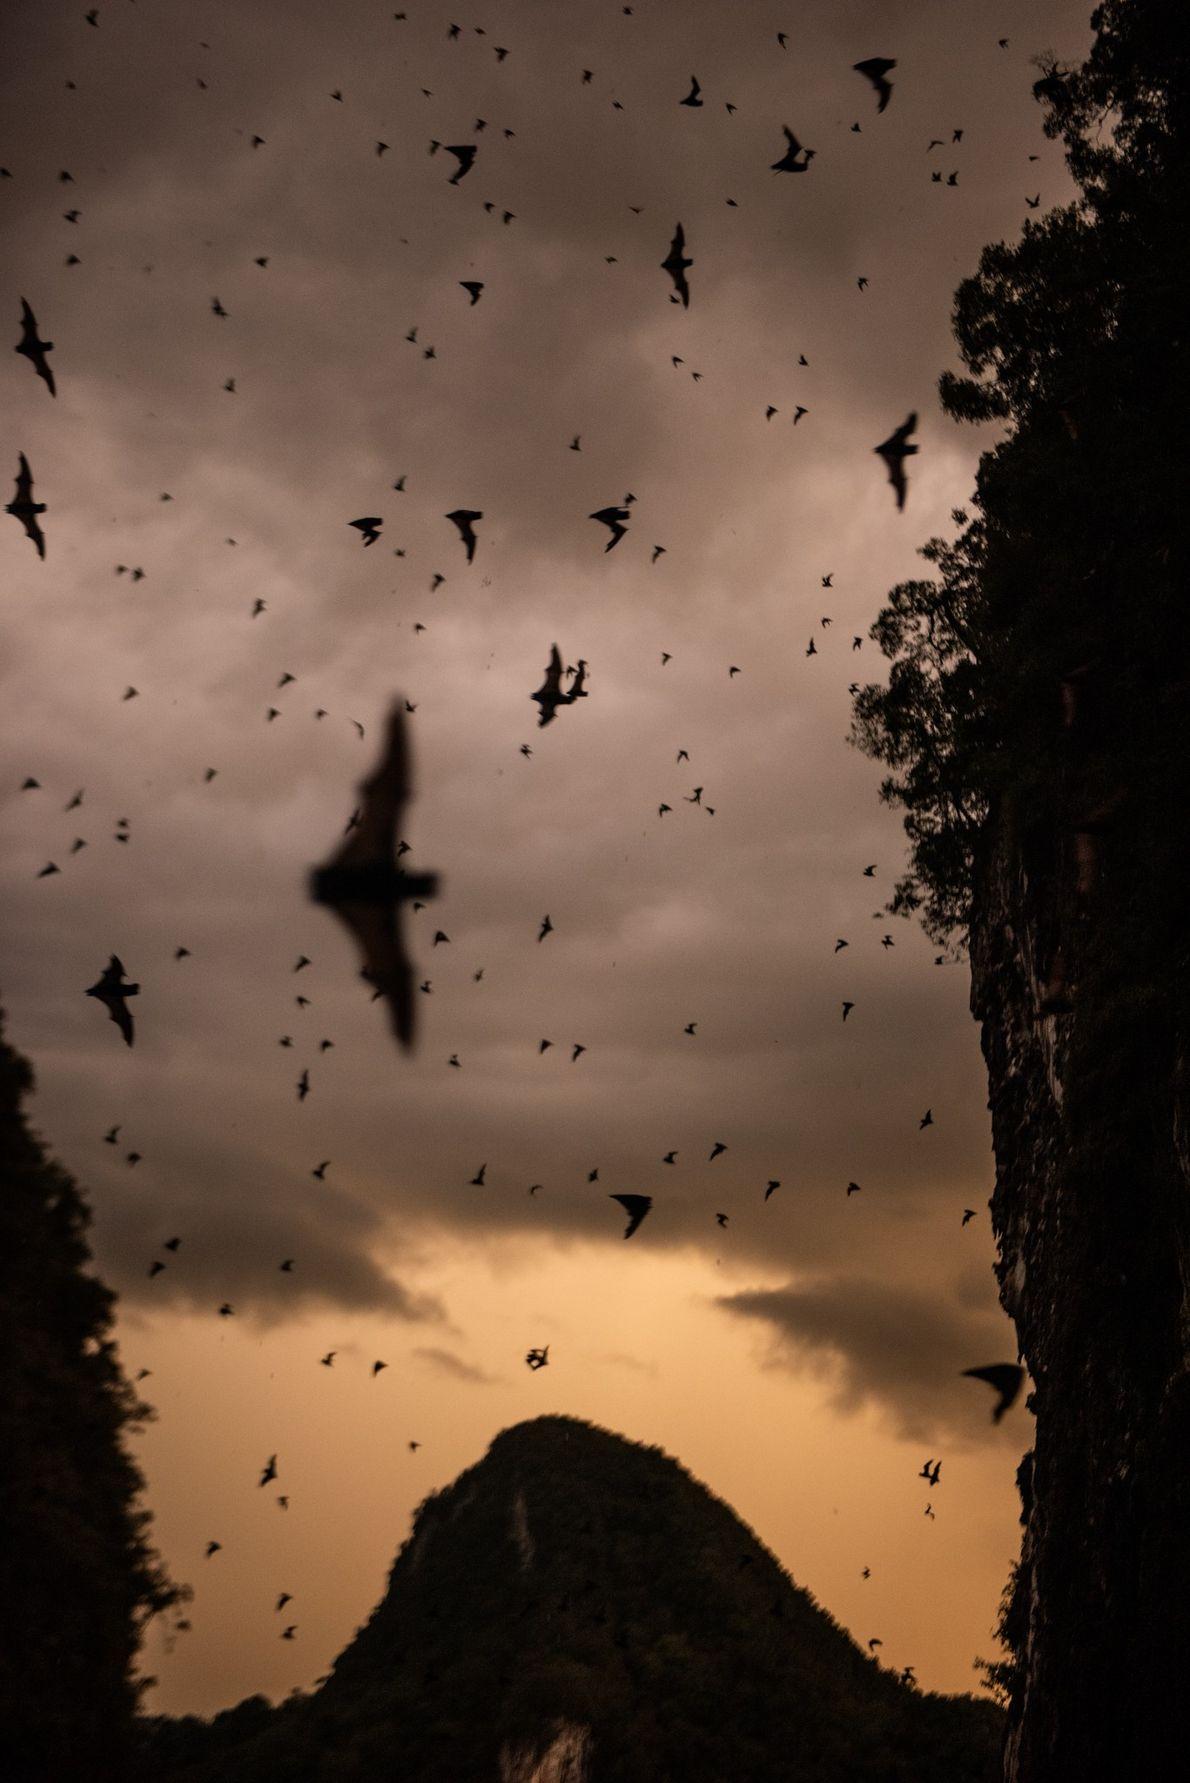 Sur l'île de Bornéo, la grotte du Cerf abrite plus de deux millions de chauves-souris de ...